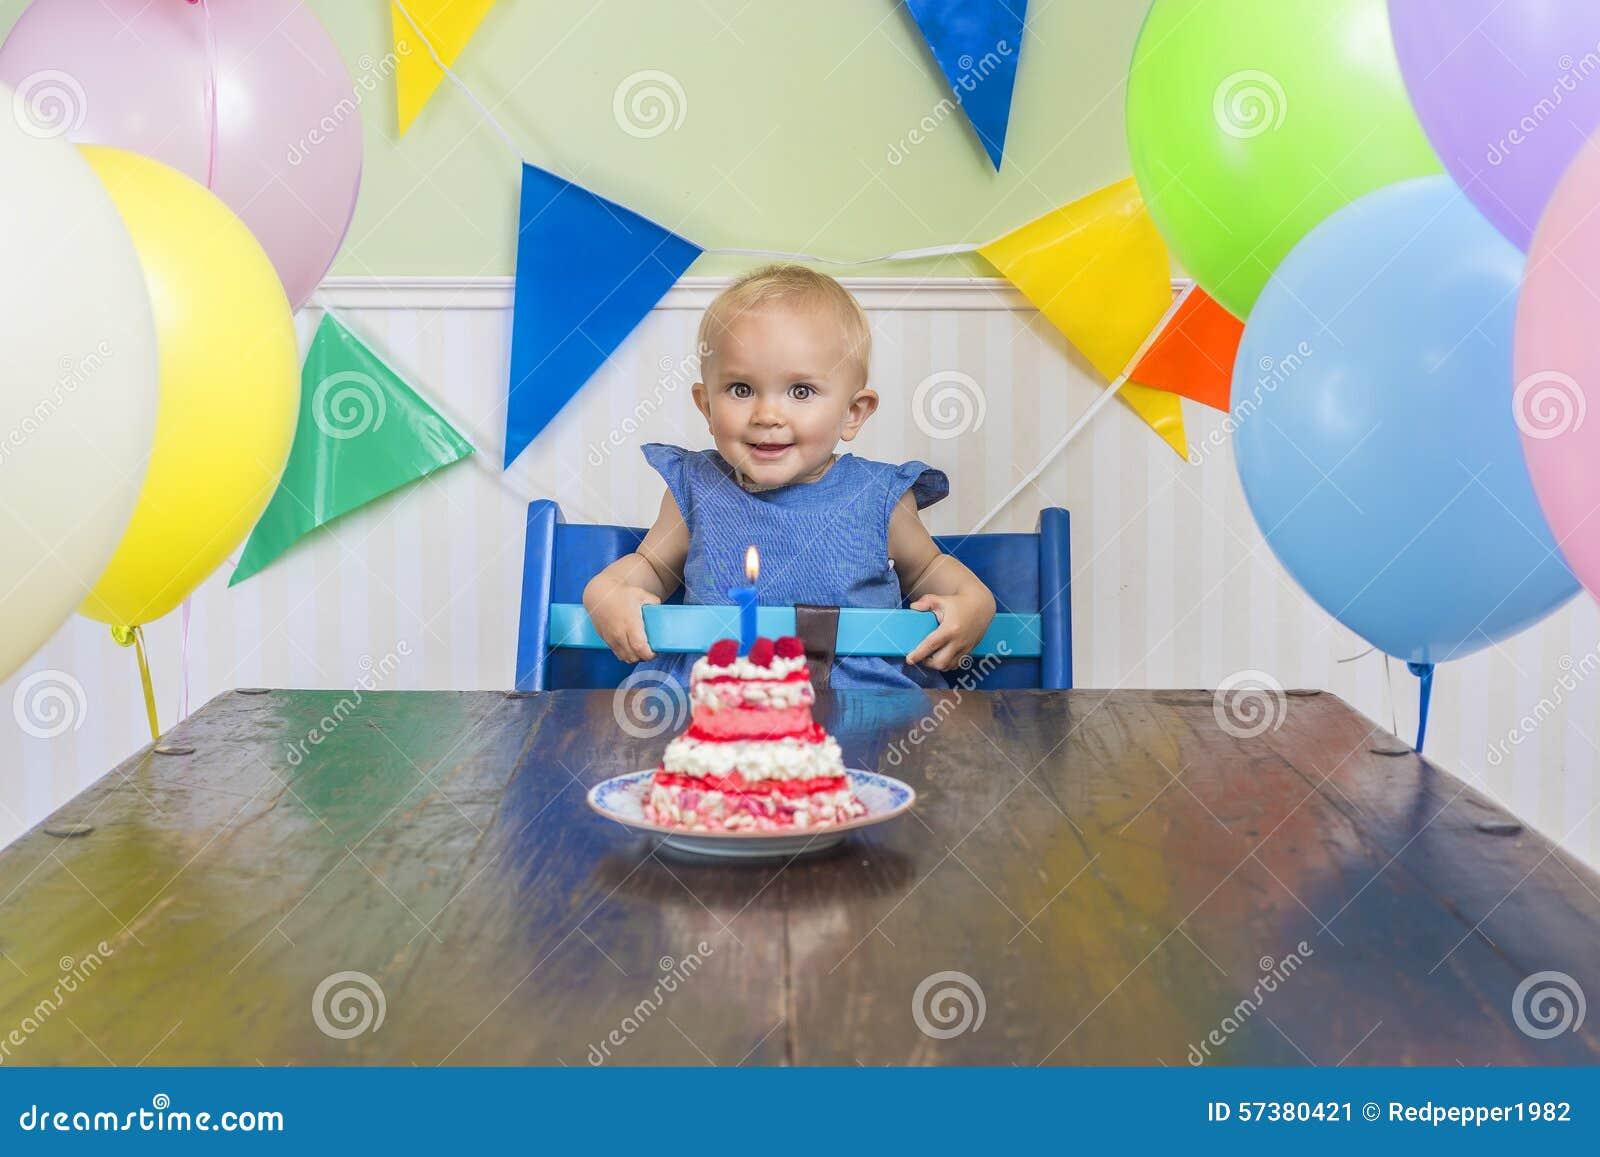 barn födelsedag Behandla Som Ett Barn Födelsedag Första S Fotografering för  barn födelsedag